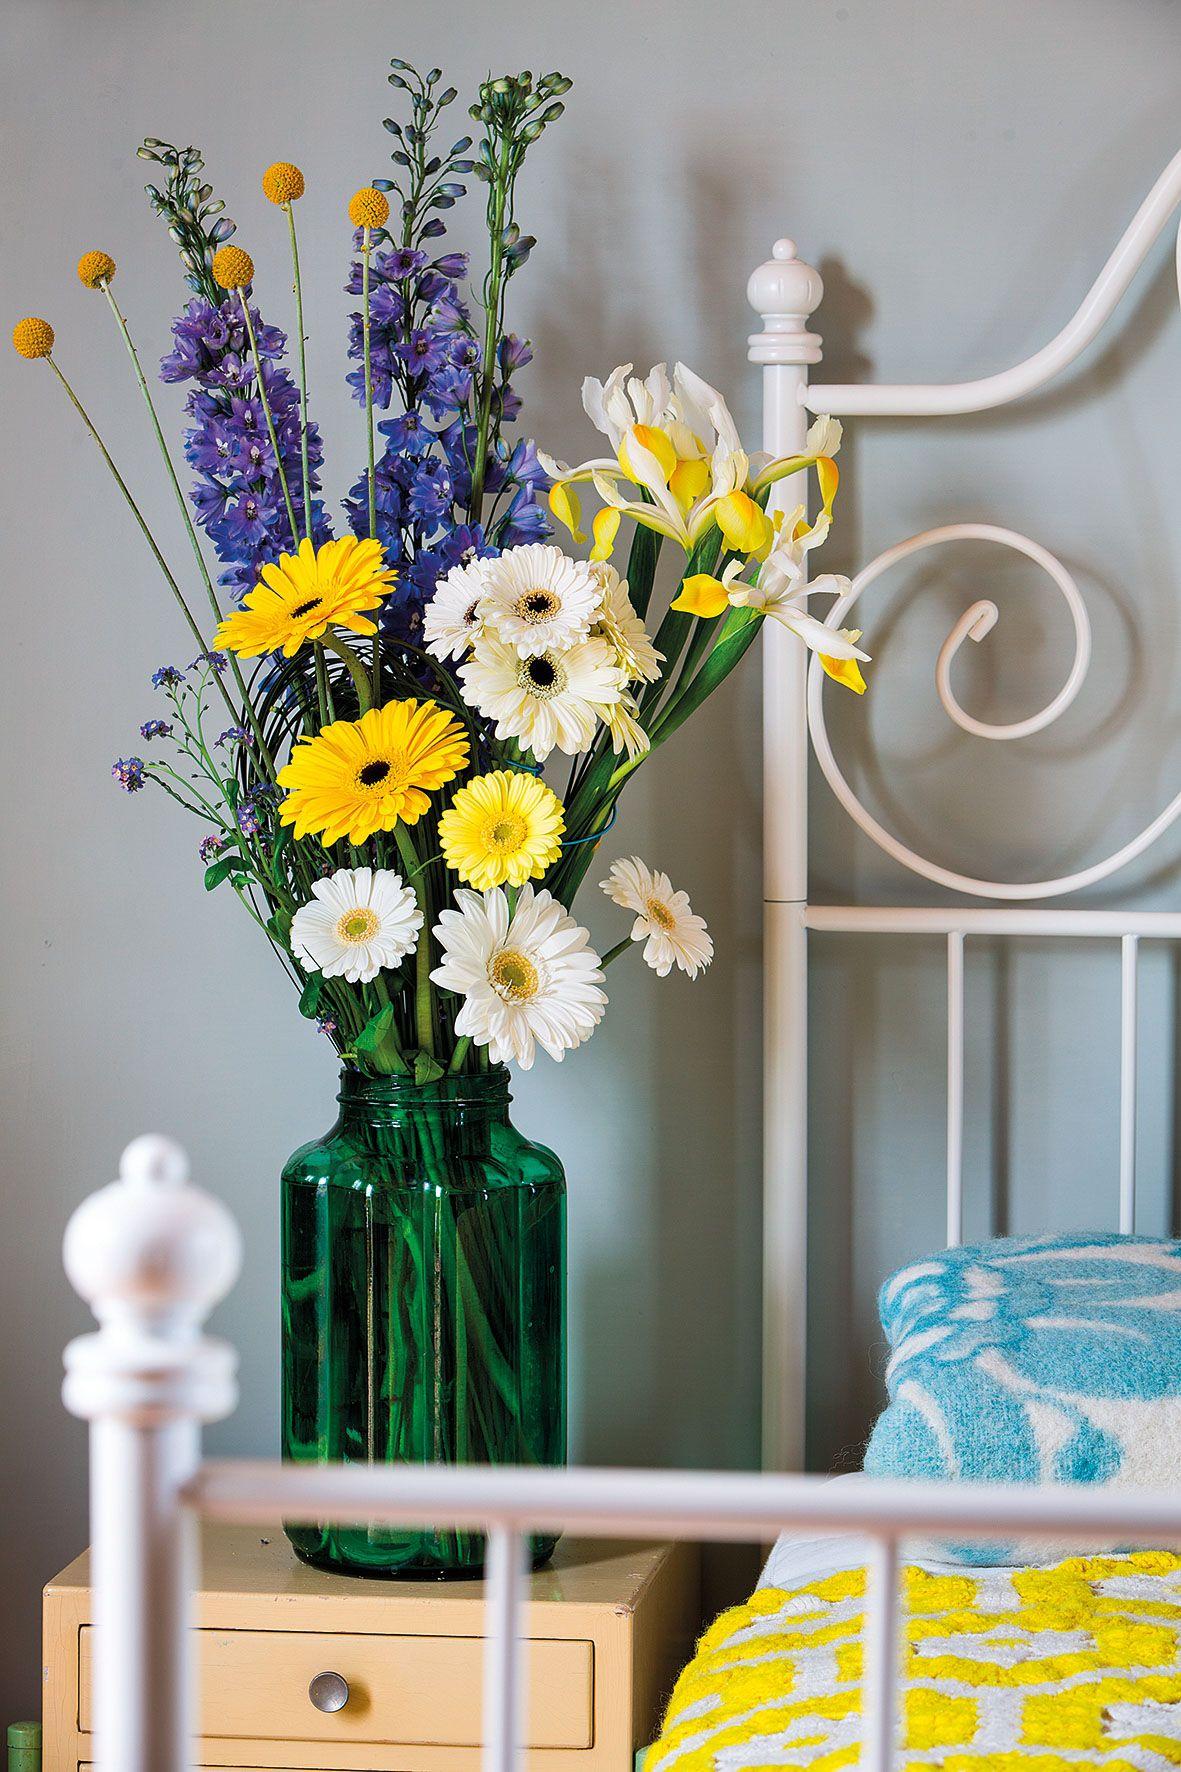 Wonderful gerbera bouquet in a green vase #yellowgerberas #whitegerberas #inspiration #colouredbygerbera #dutchgerbera